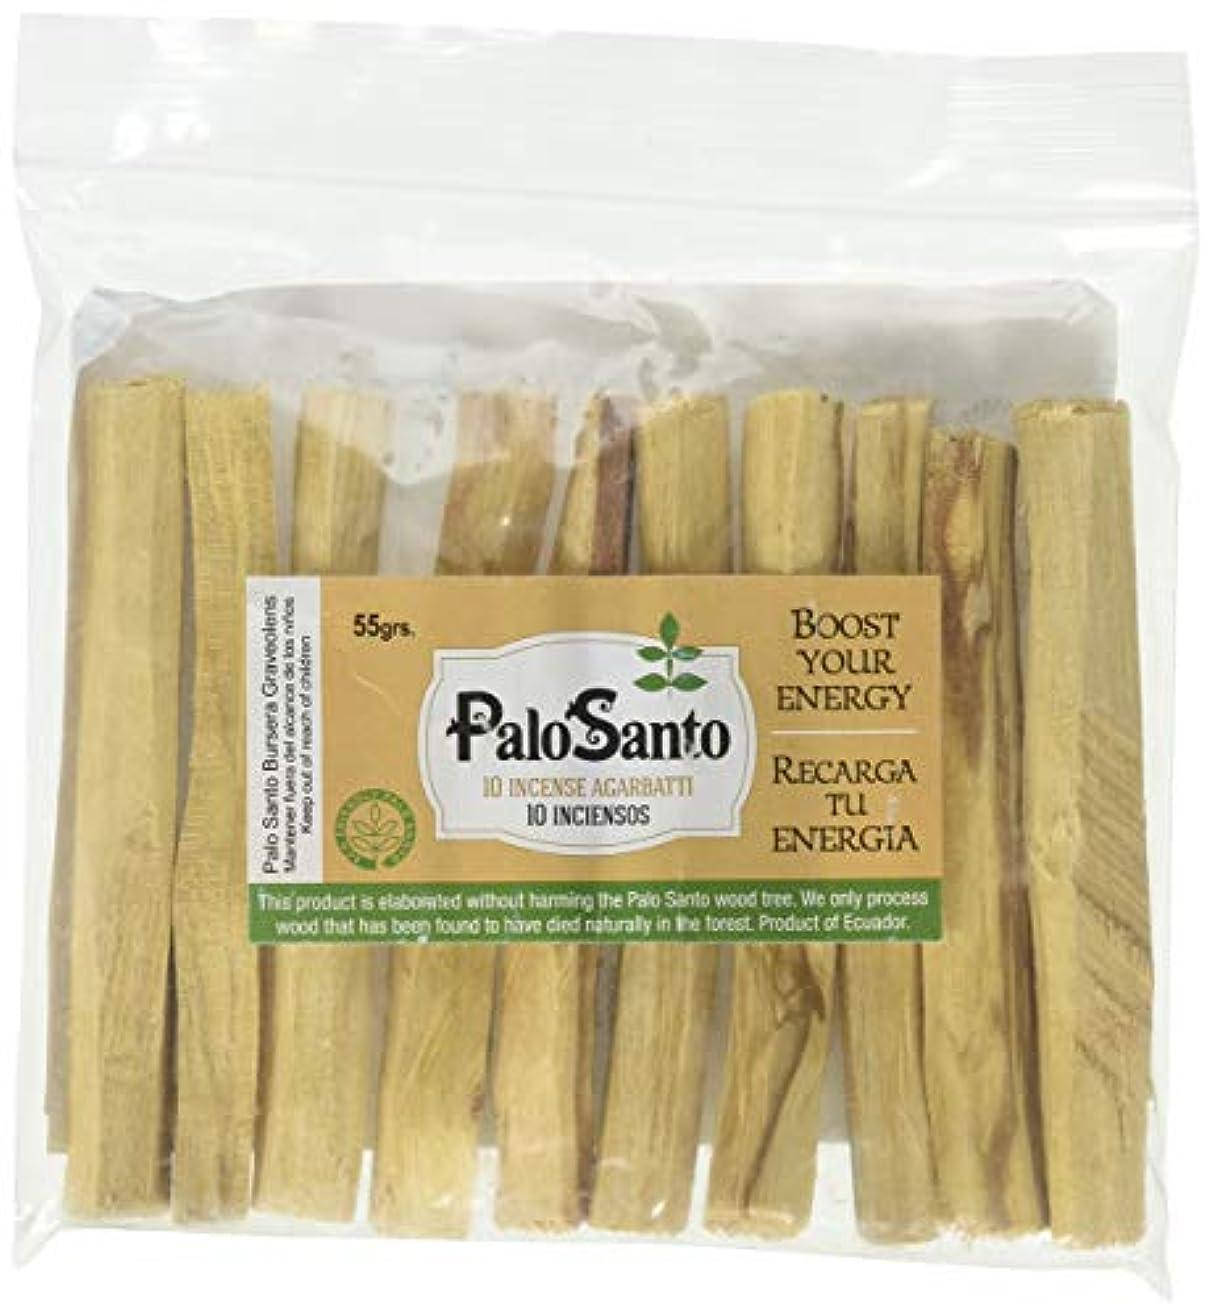 告白著作権エスカレートプレミアムAuthenticエクアドルkiln-dried Palo Santo ( Holy Wood ) Insence Sticks ( 10 )、野生の収穫、100 %自然のPurifying、クレンジング、ヒーリング...